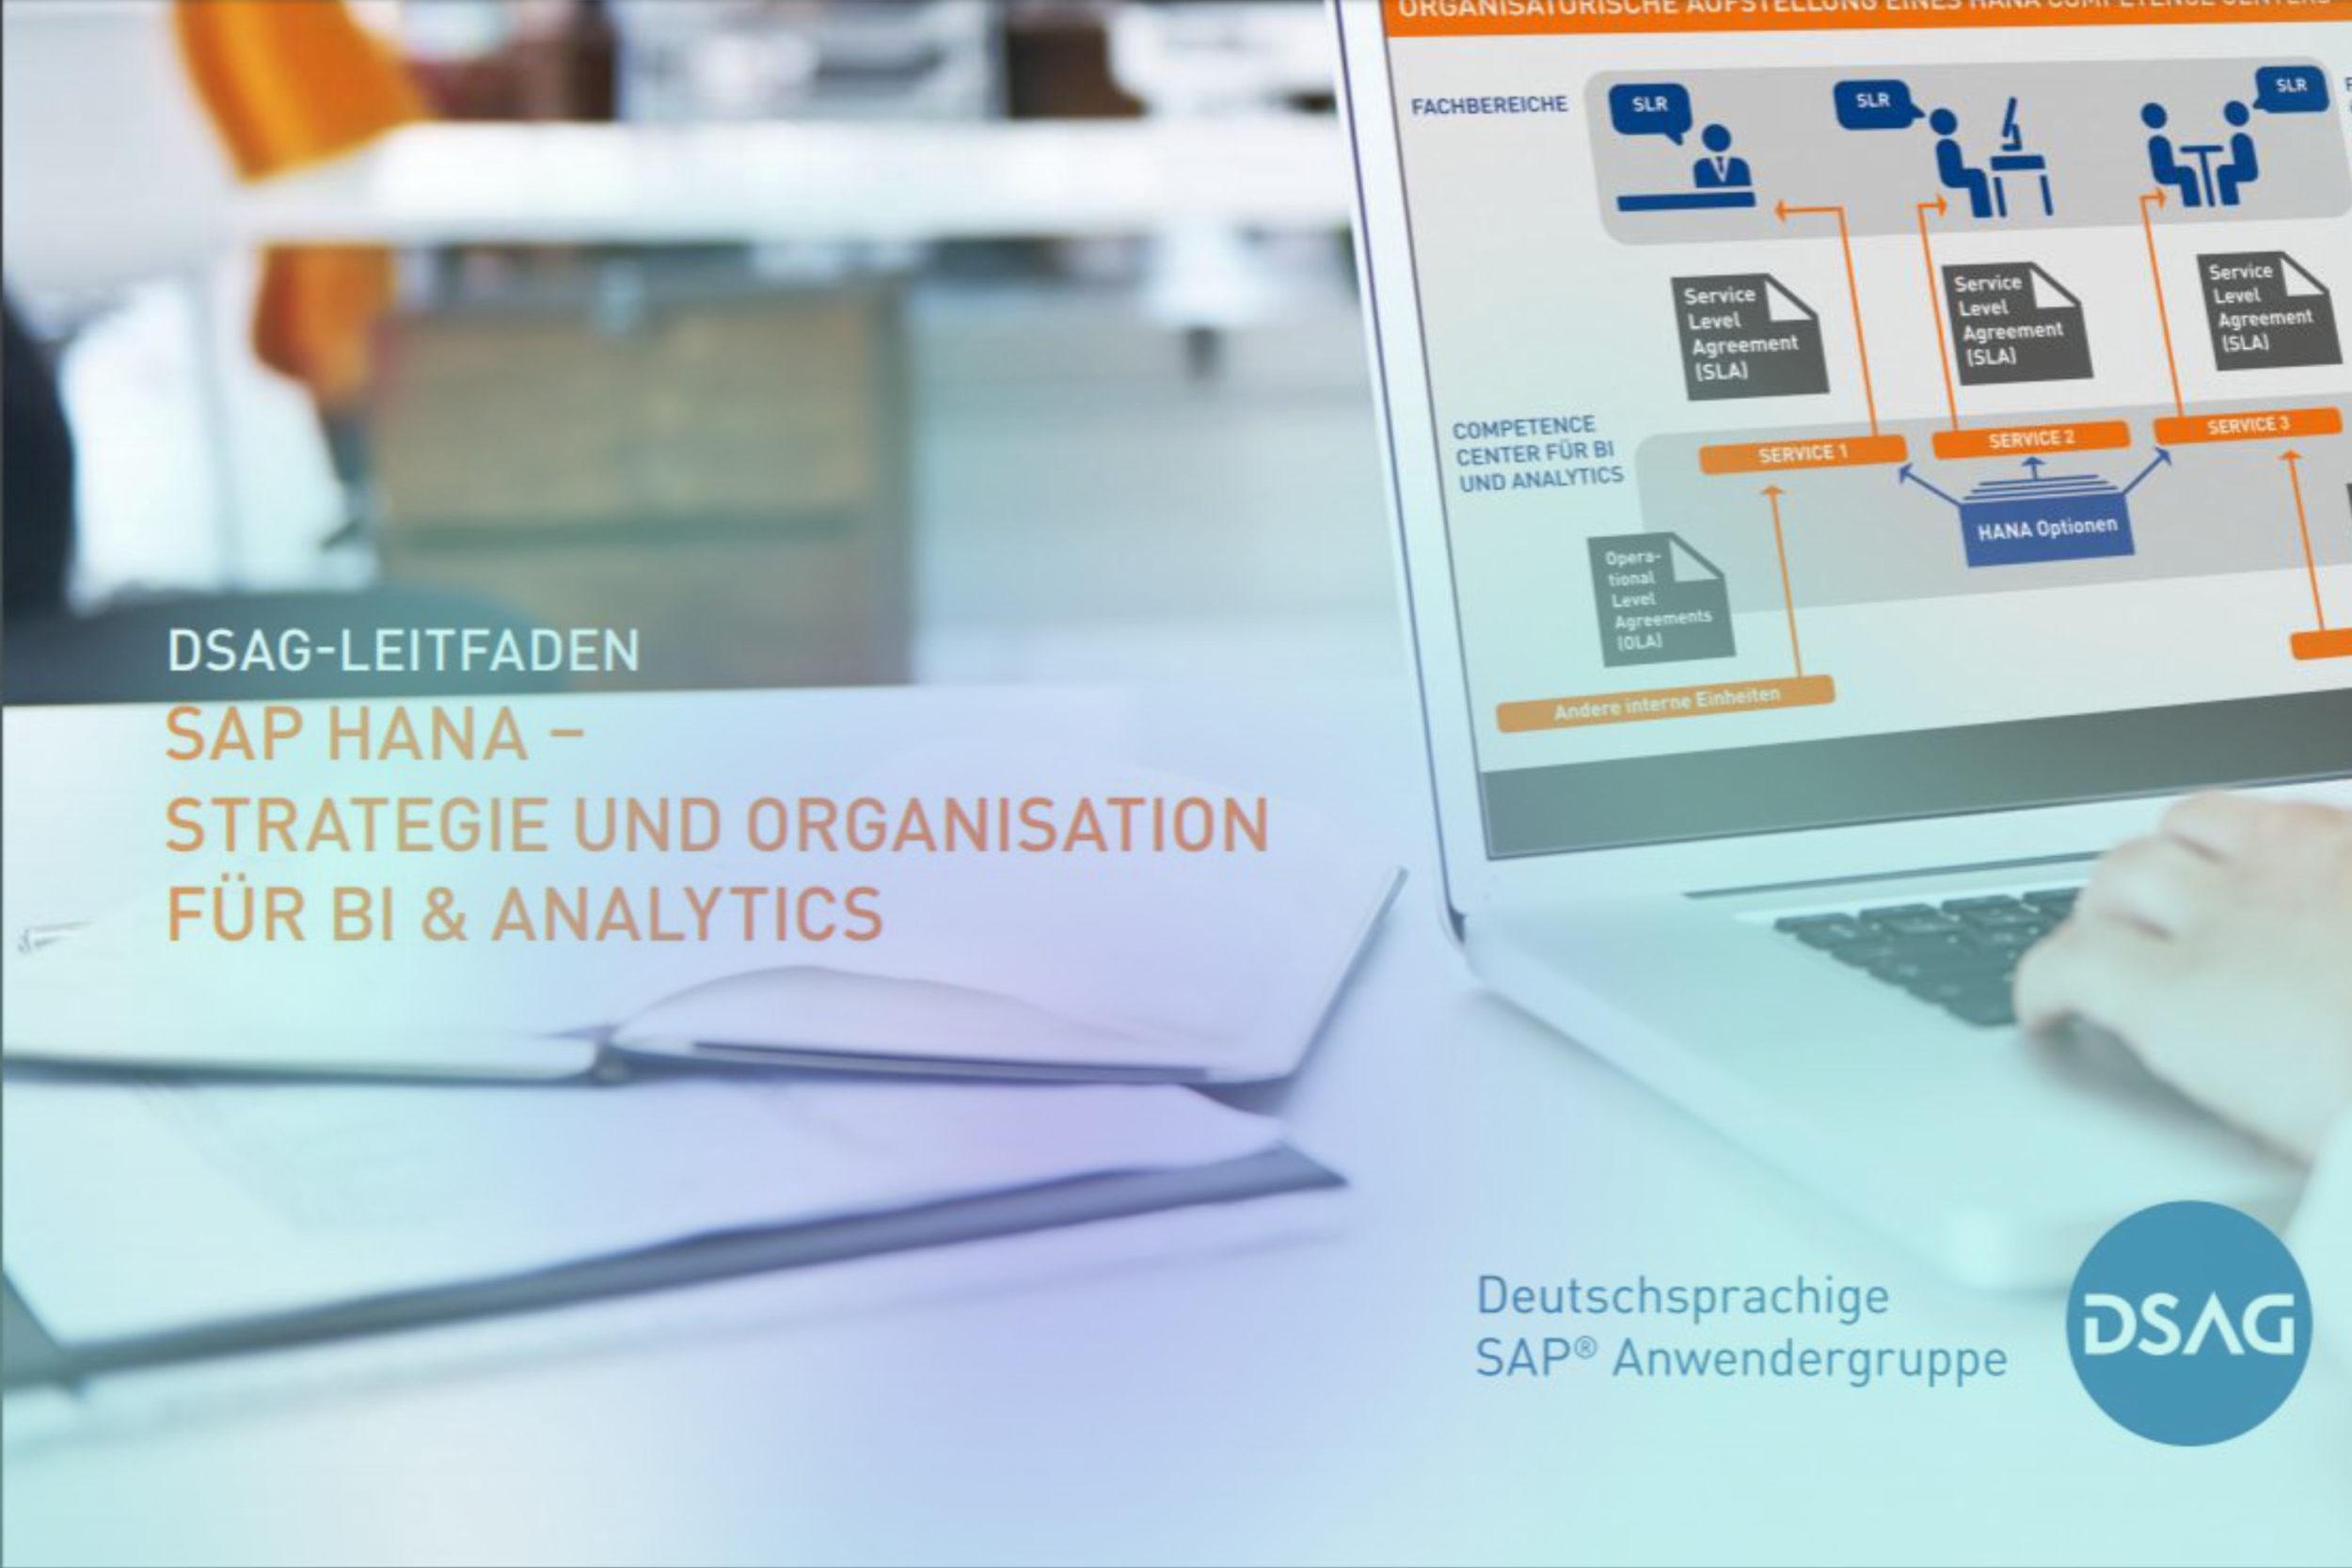 DSAG Leitfaden für SAP HANA